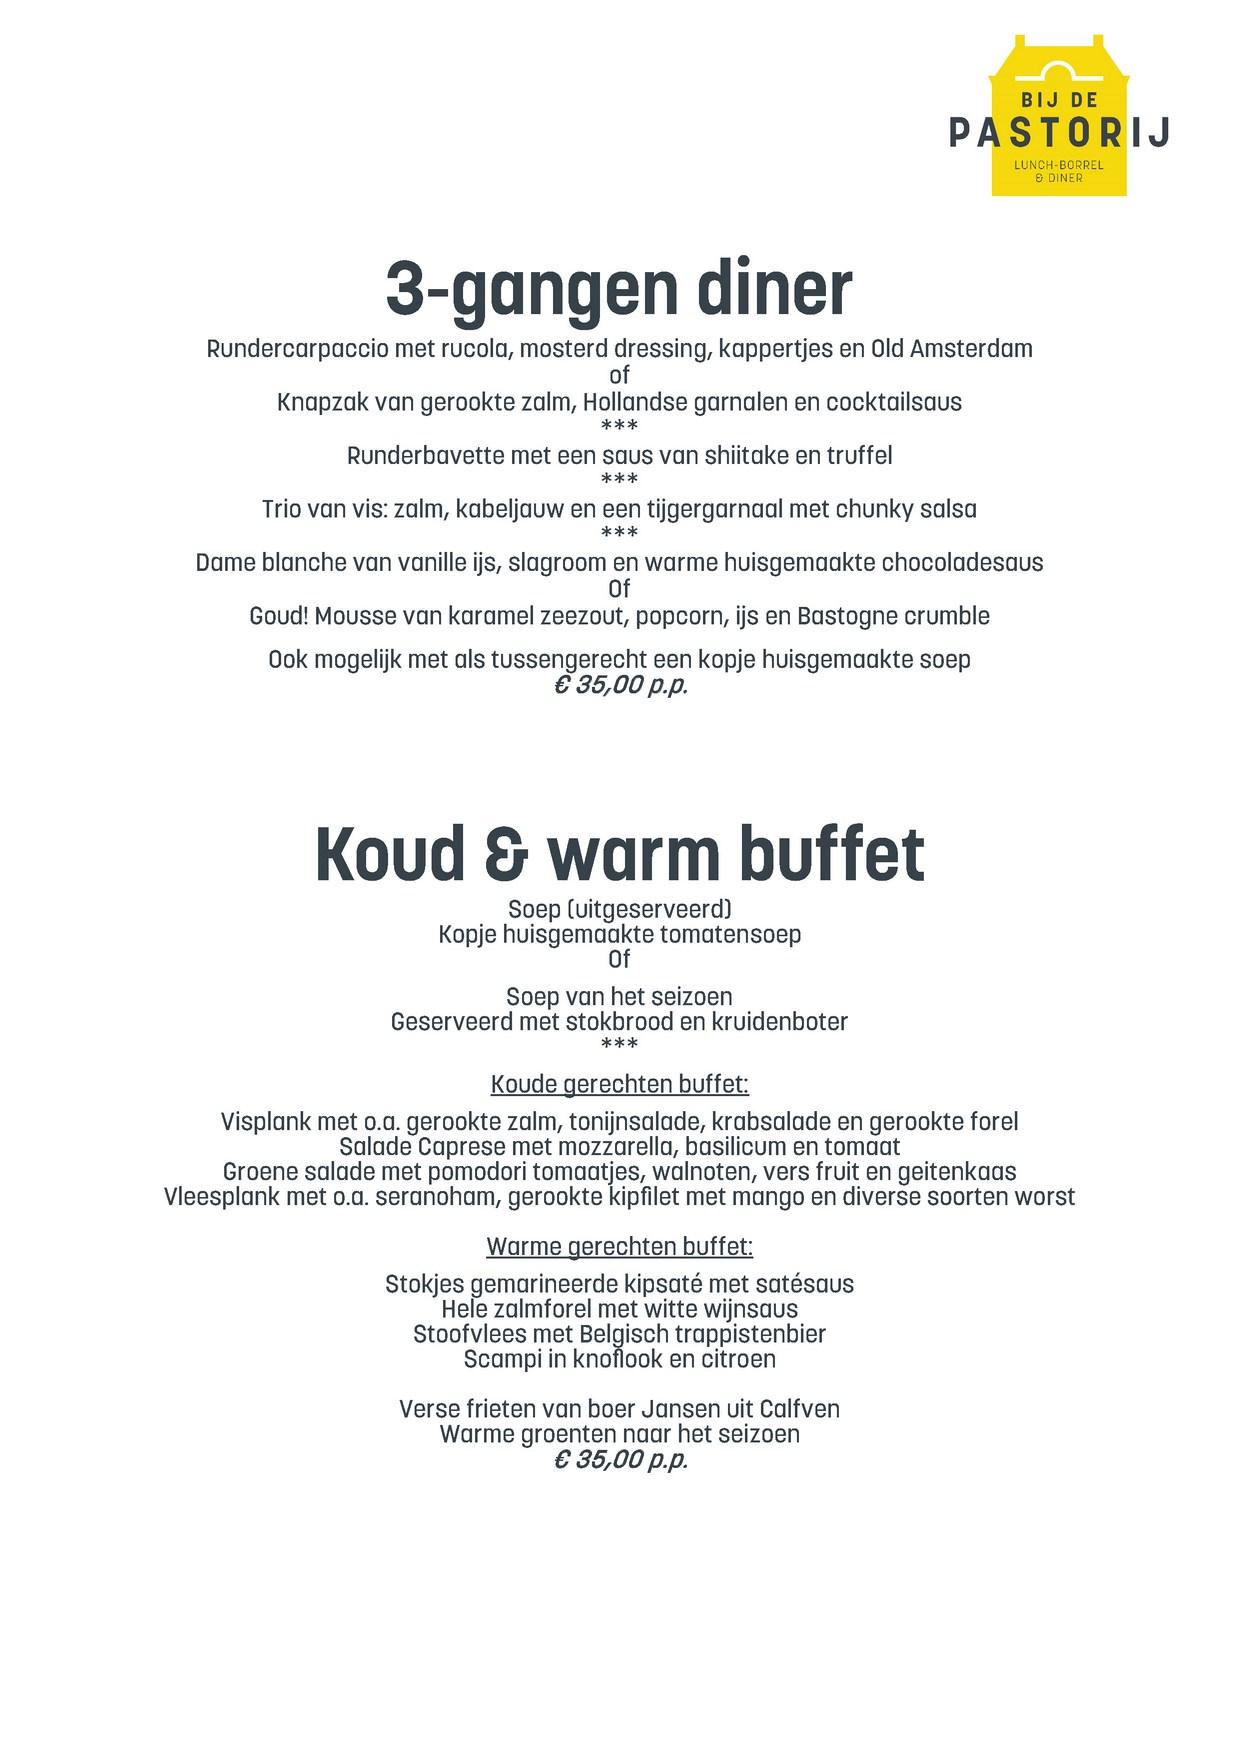 feesten_bijdepastorij-2